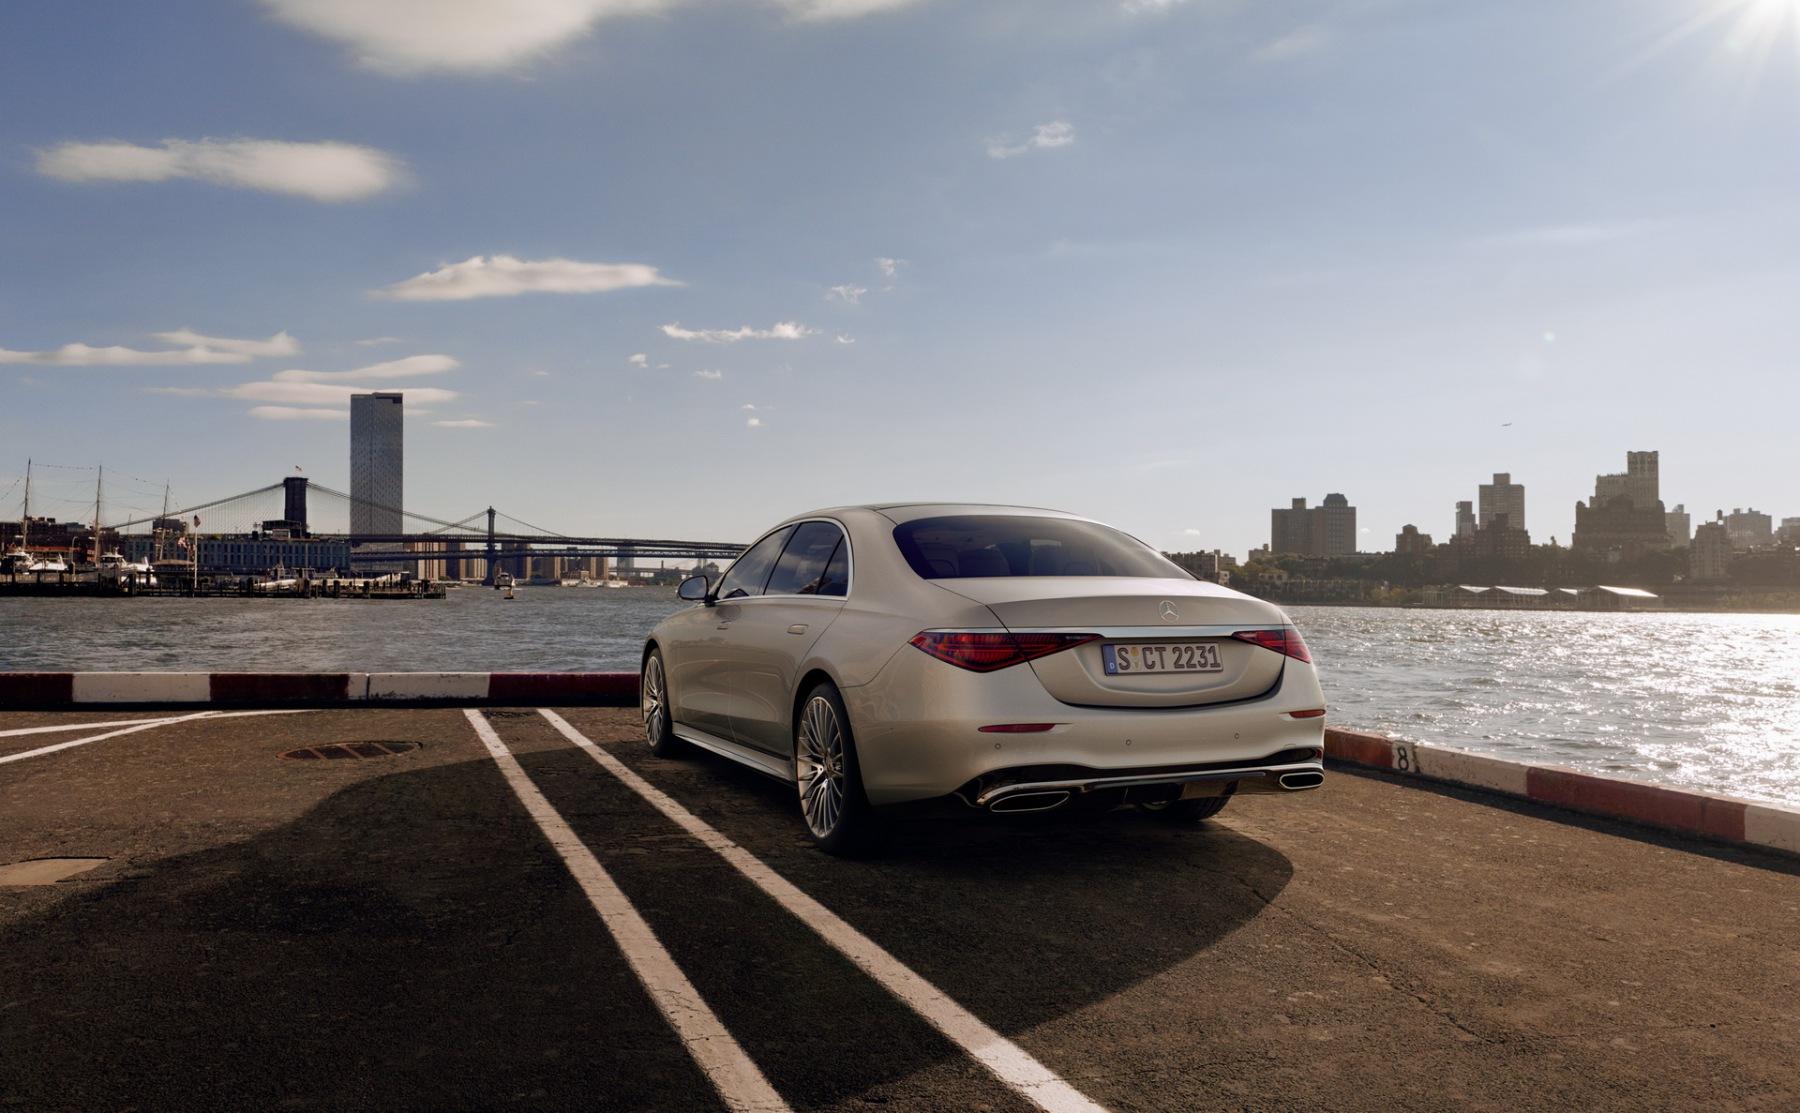 Mercedes Classe S - Hamilton - Keys